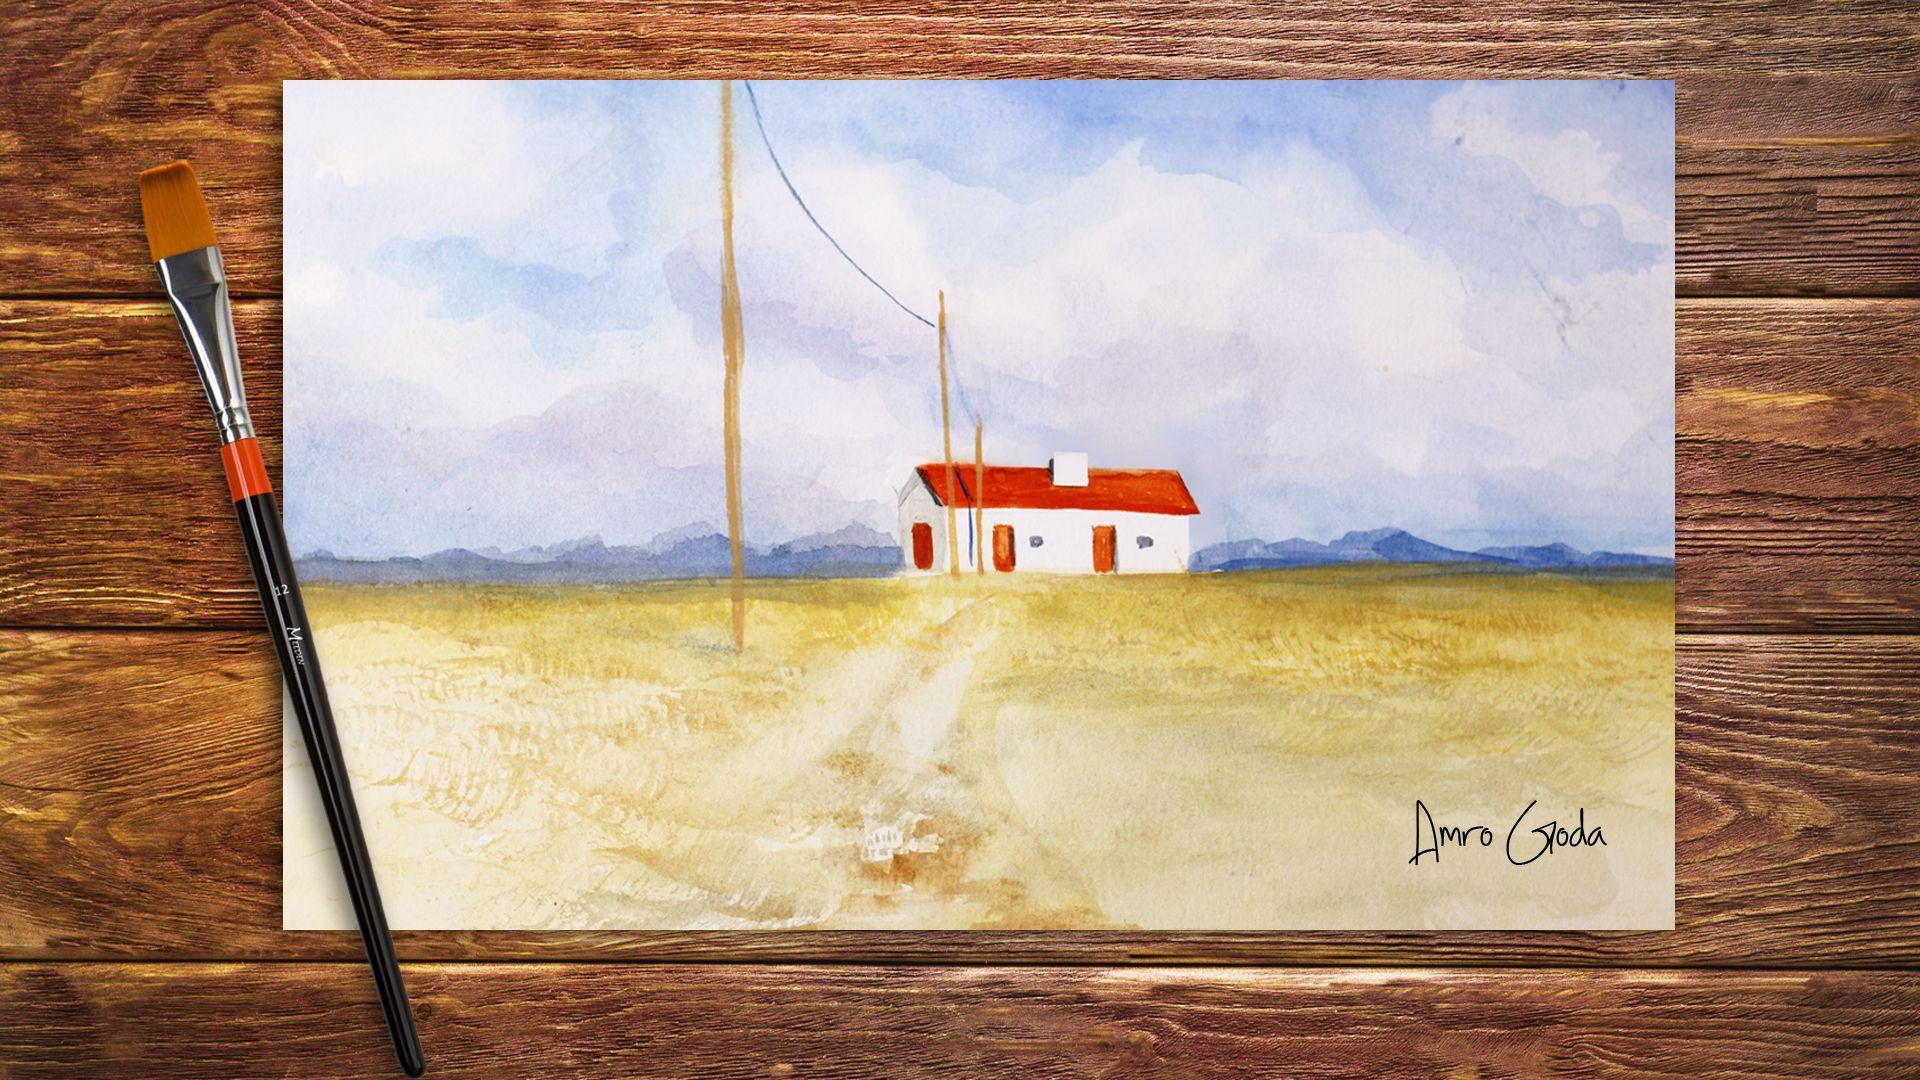 تعليم الرسم بالالوان المائية كيف ترسم منظر طبيعى بالالوان المائية رسم سماء و بيت صغير رسم منظر طبيعى رسم سهل تعليم رسم منظر طبيعي سهل خطوة بخ In 2020 Painting Art